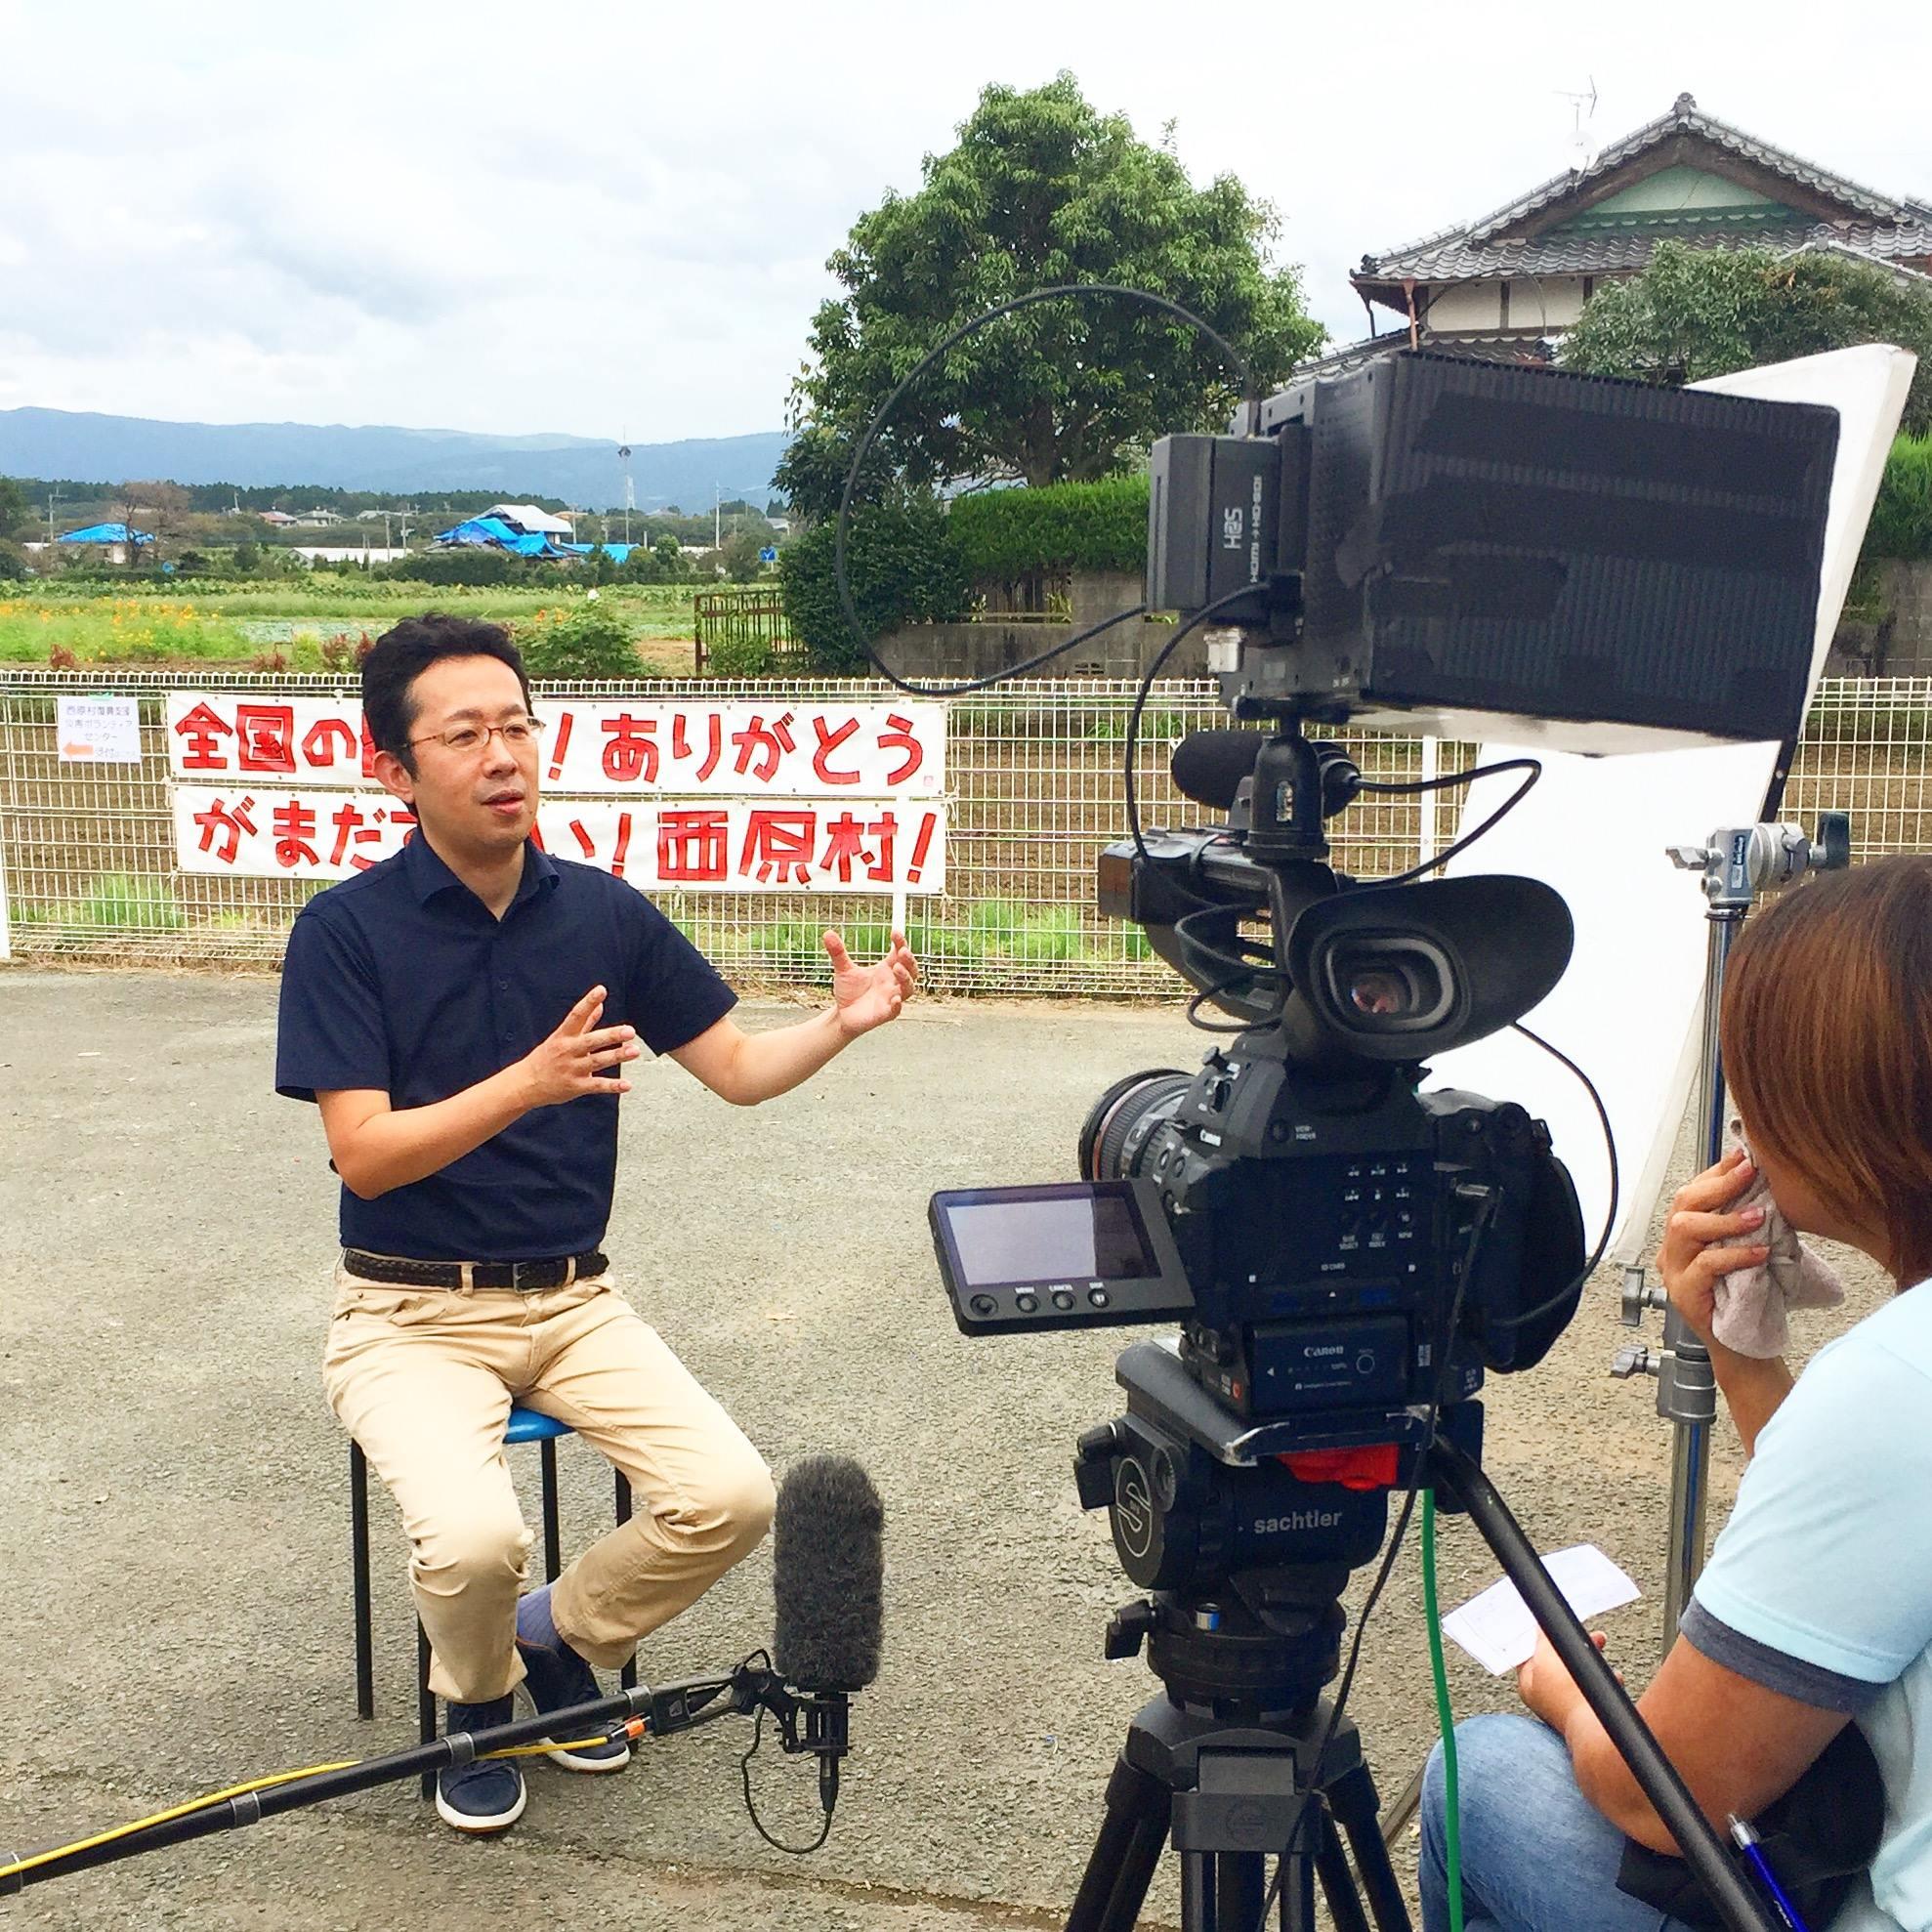 熊本県民テレビ「未来へ発信!熊本力」ご紹介いただきました。